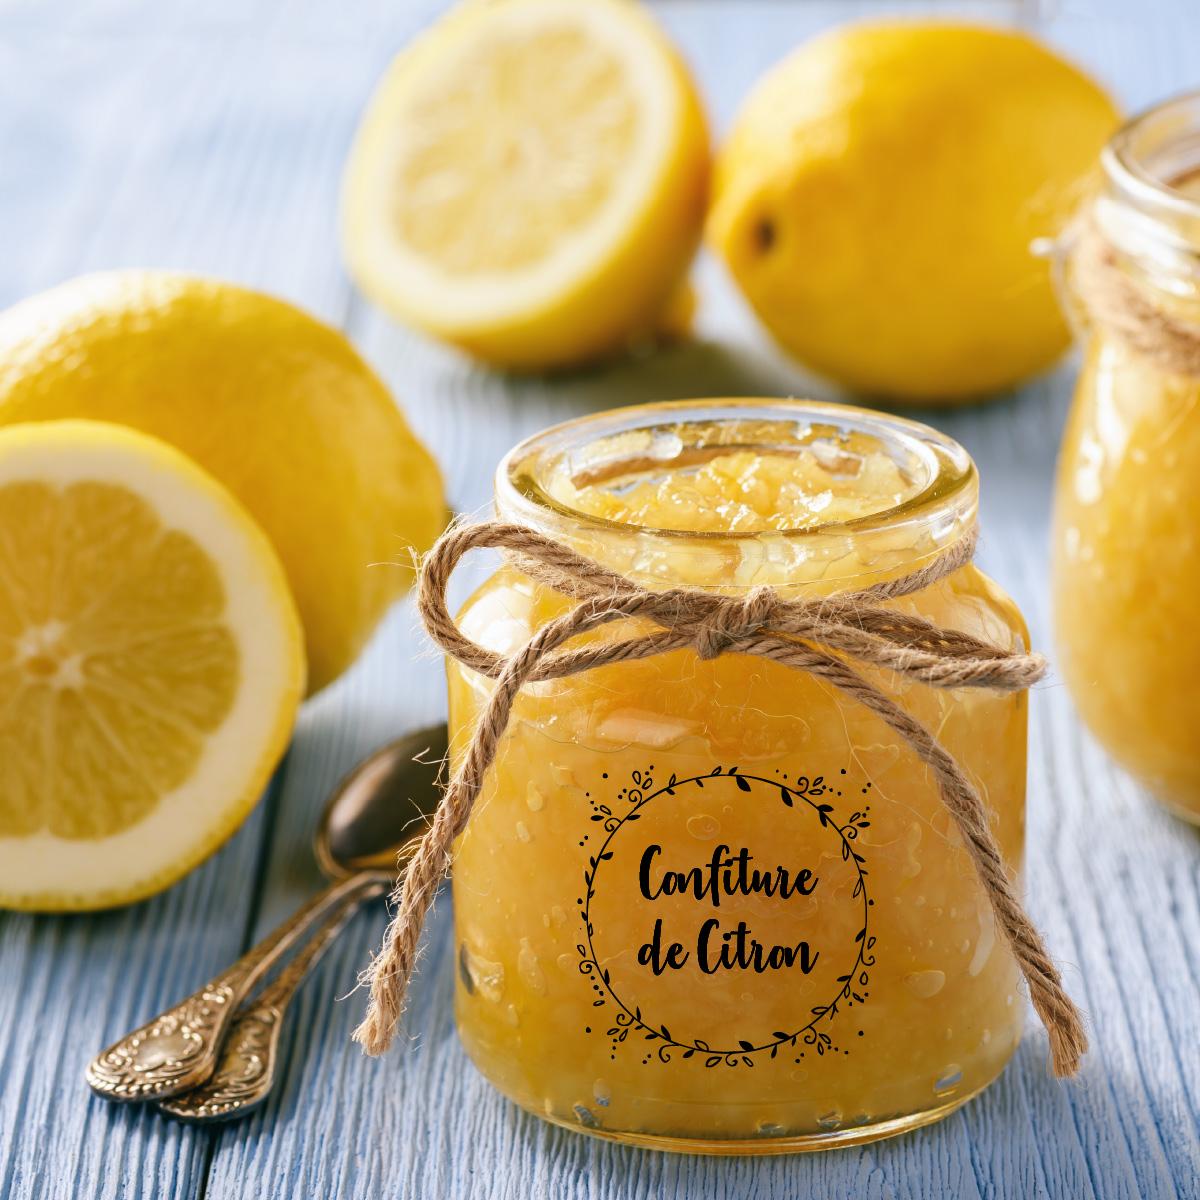 Confiture de citron : étiquettes personnalisées et livraison gratuite